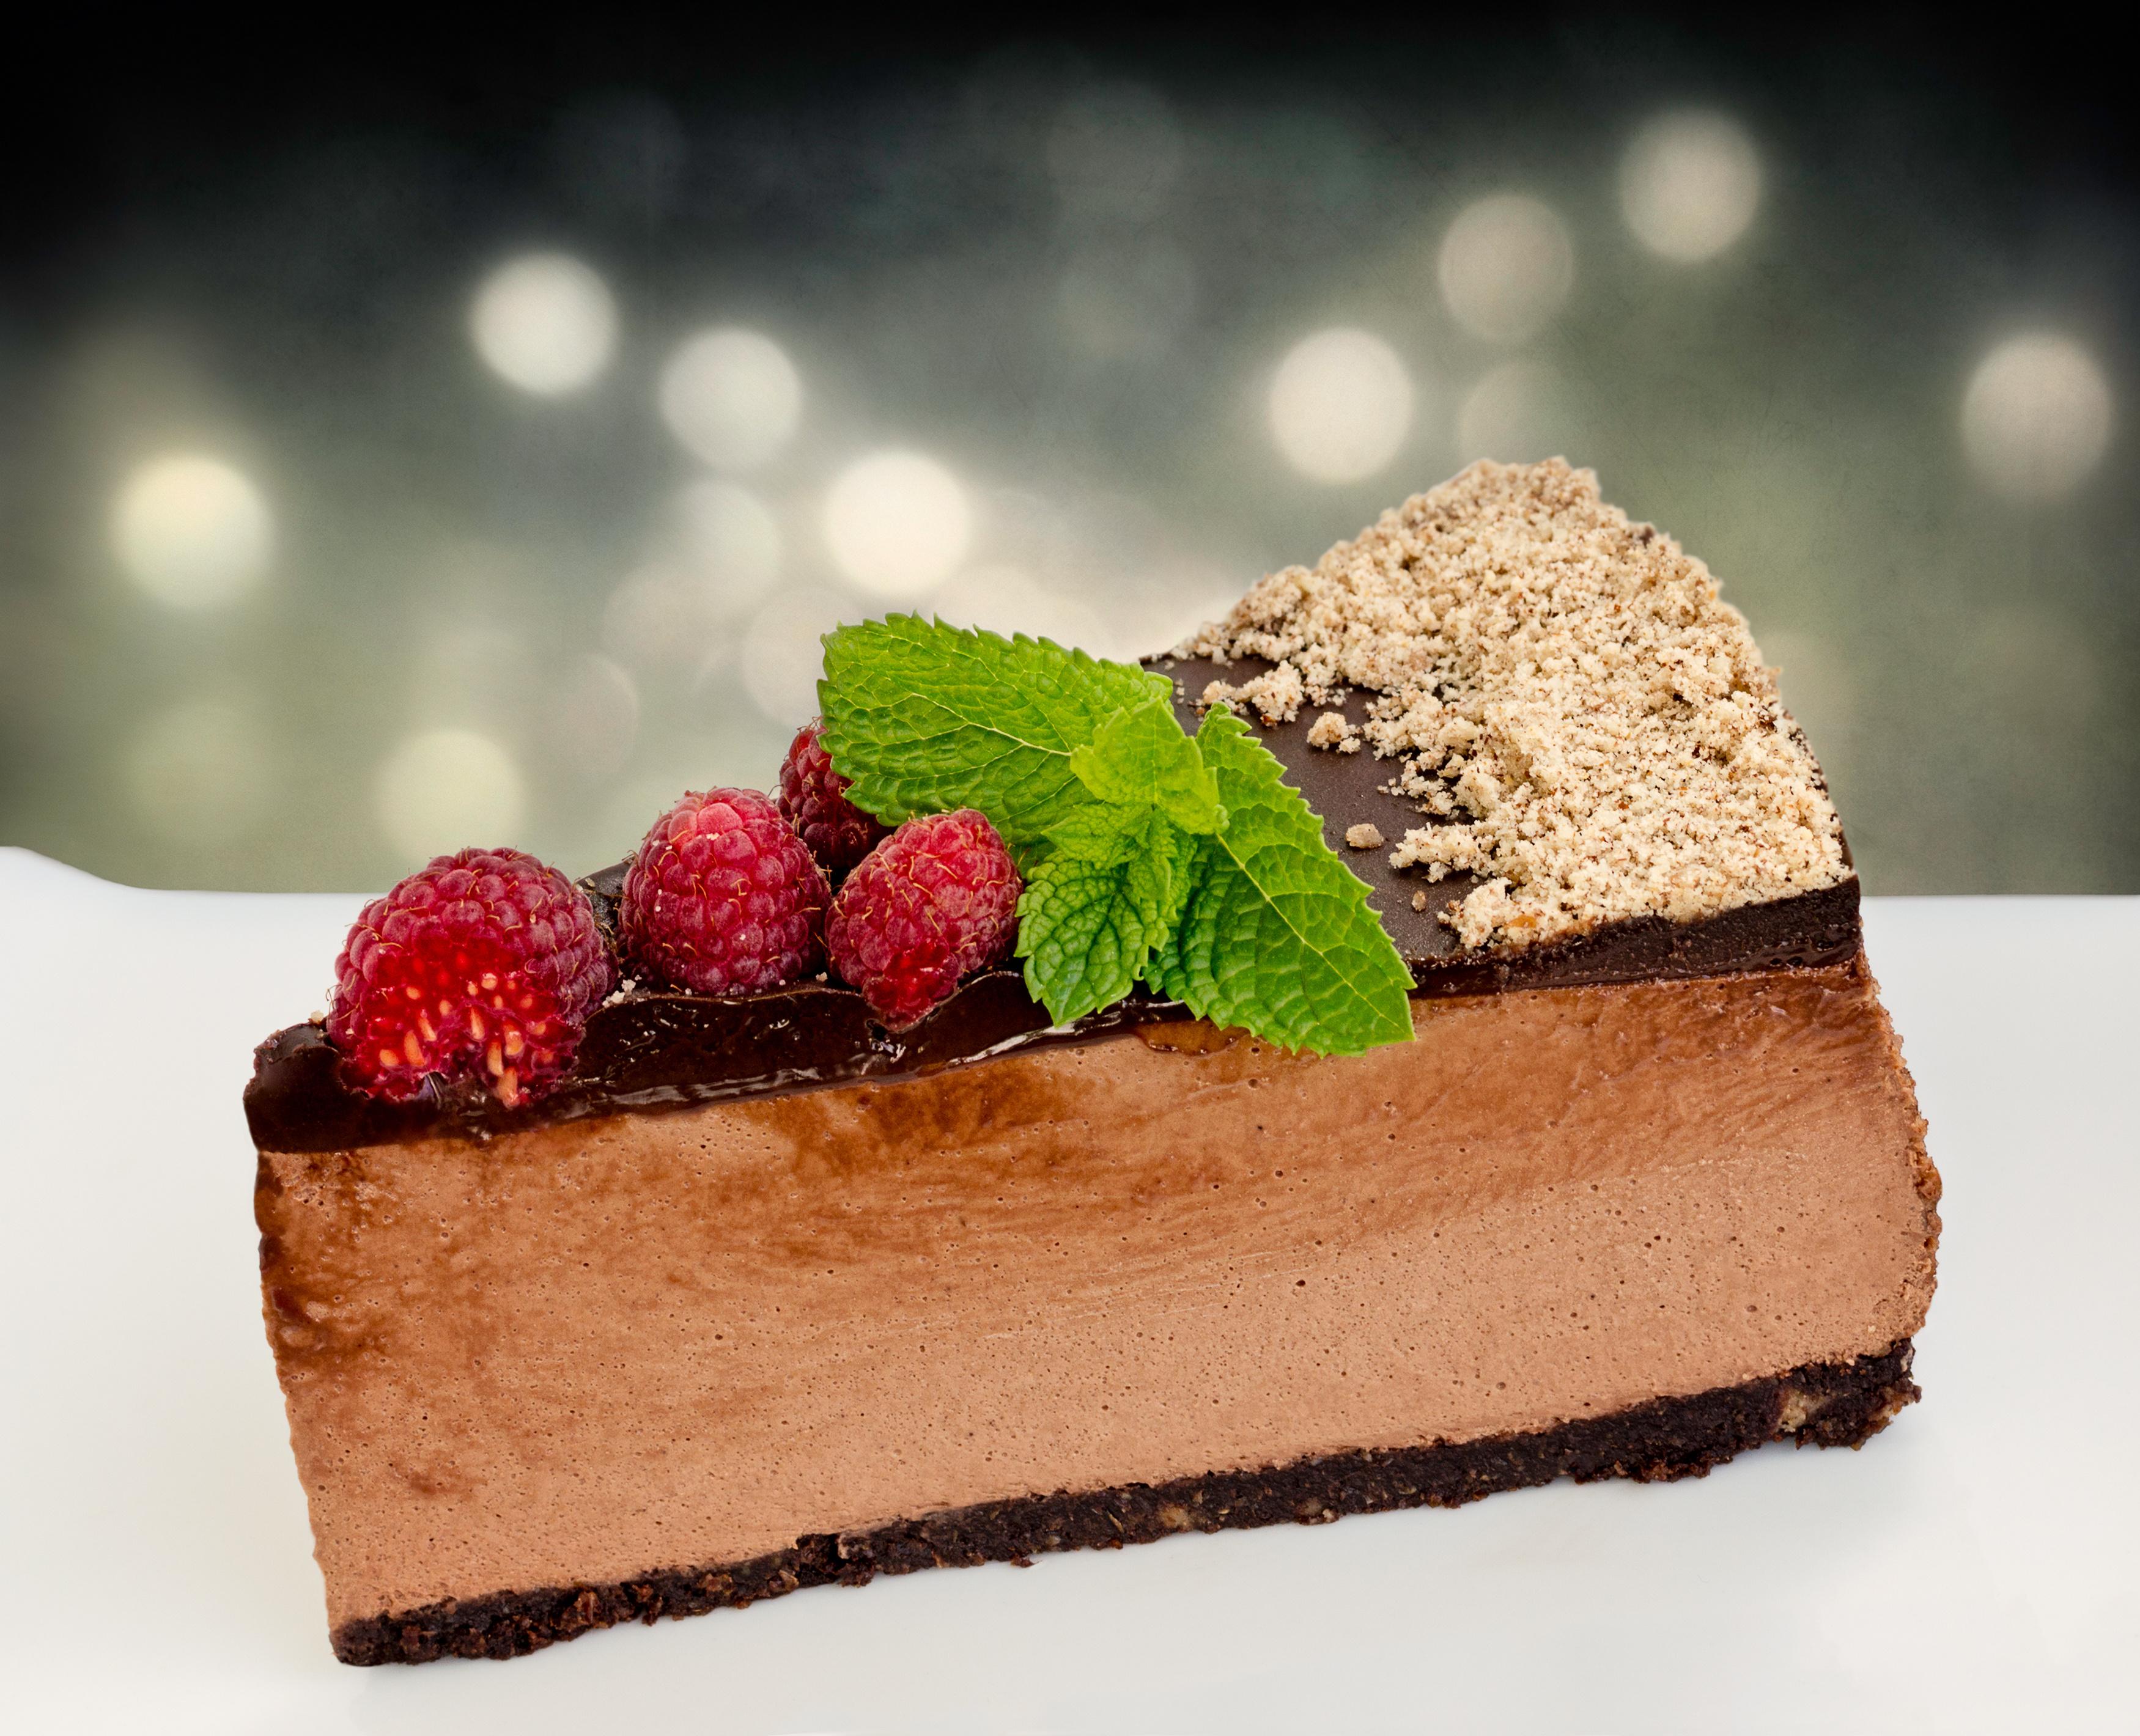 Diétás desszertek - Fogyókúra   Femina